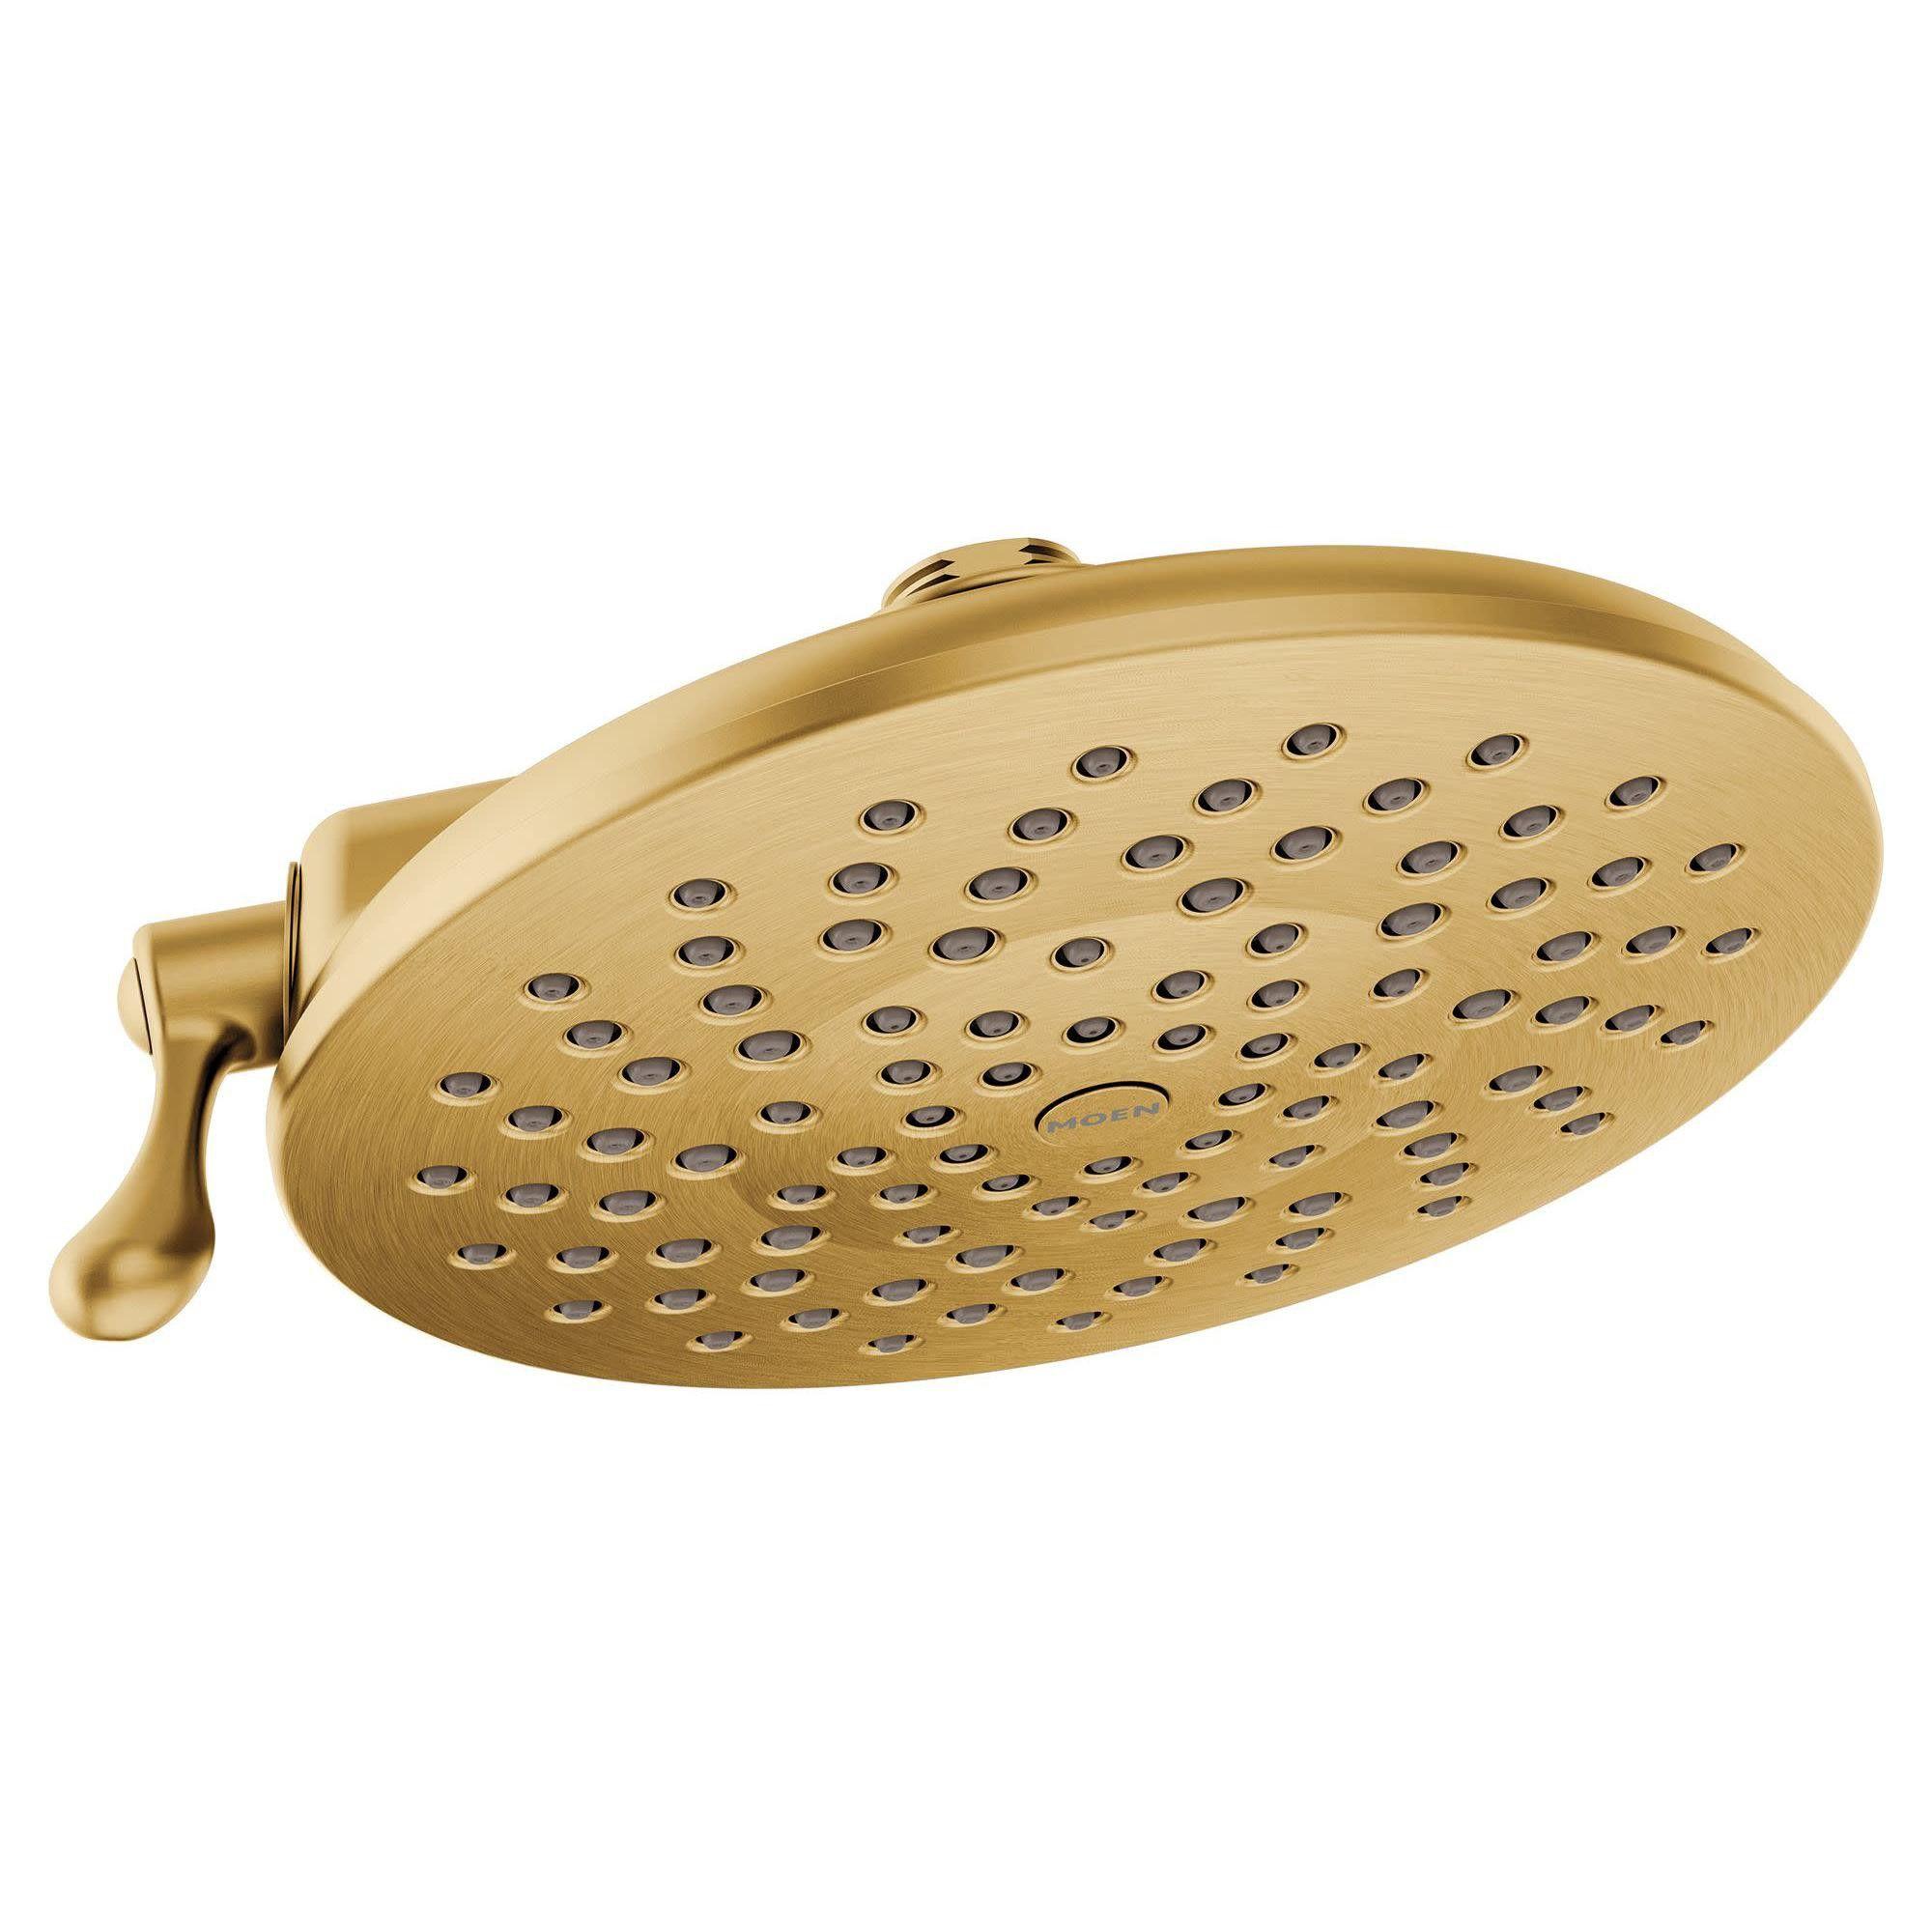 Moen S6320 8 Multi Function Rainshower Shower Head From The